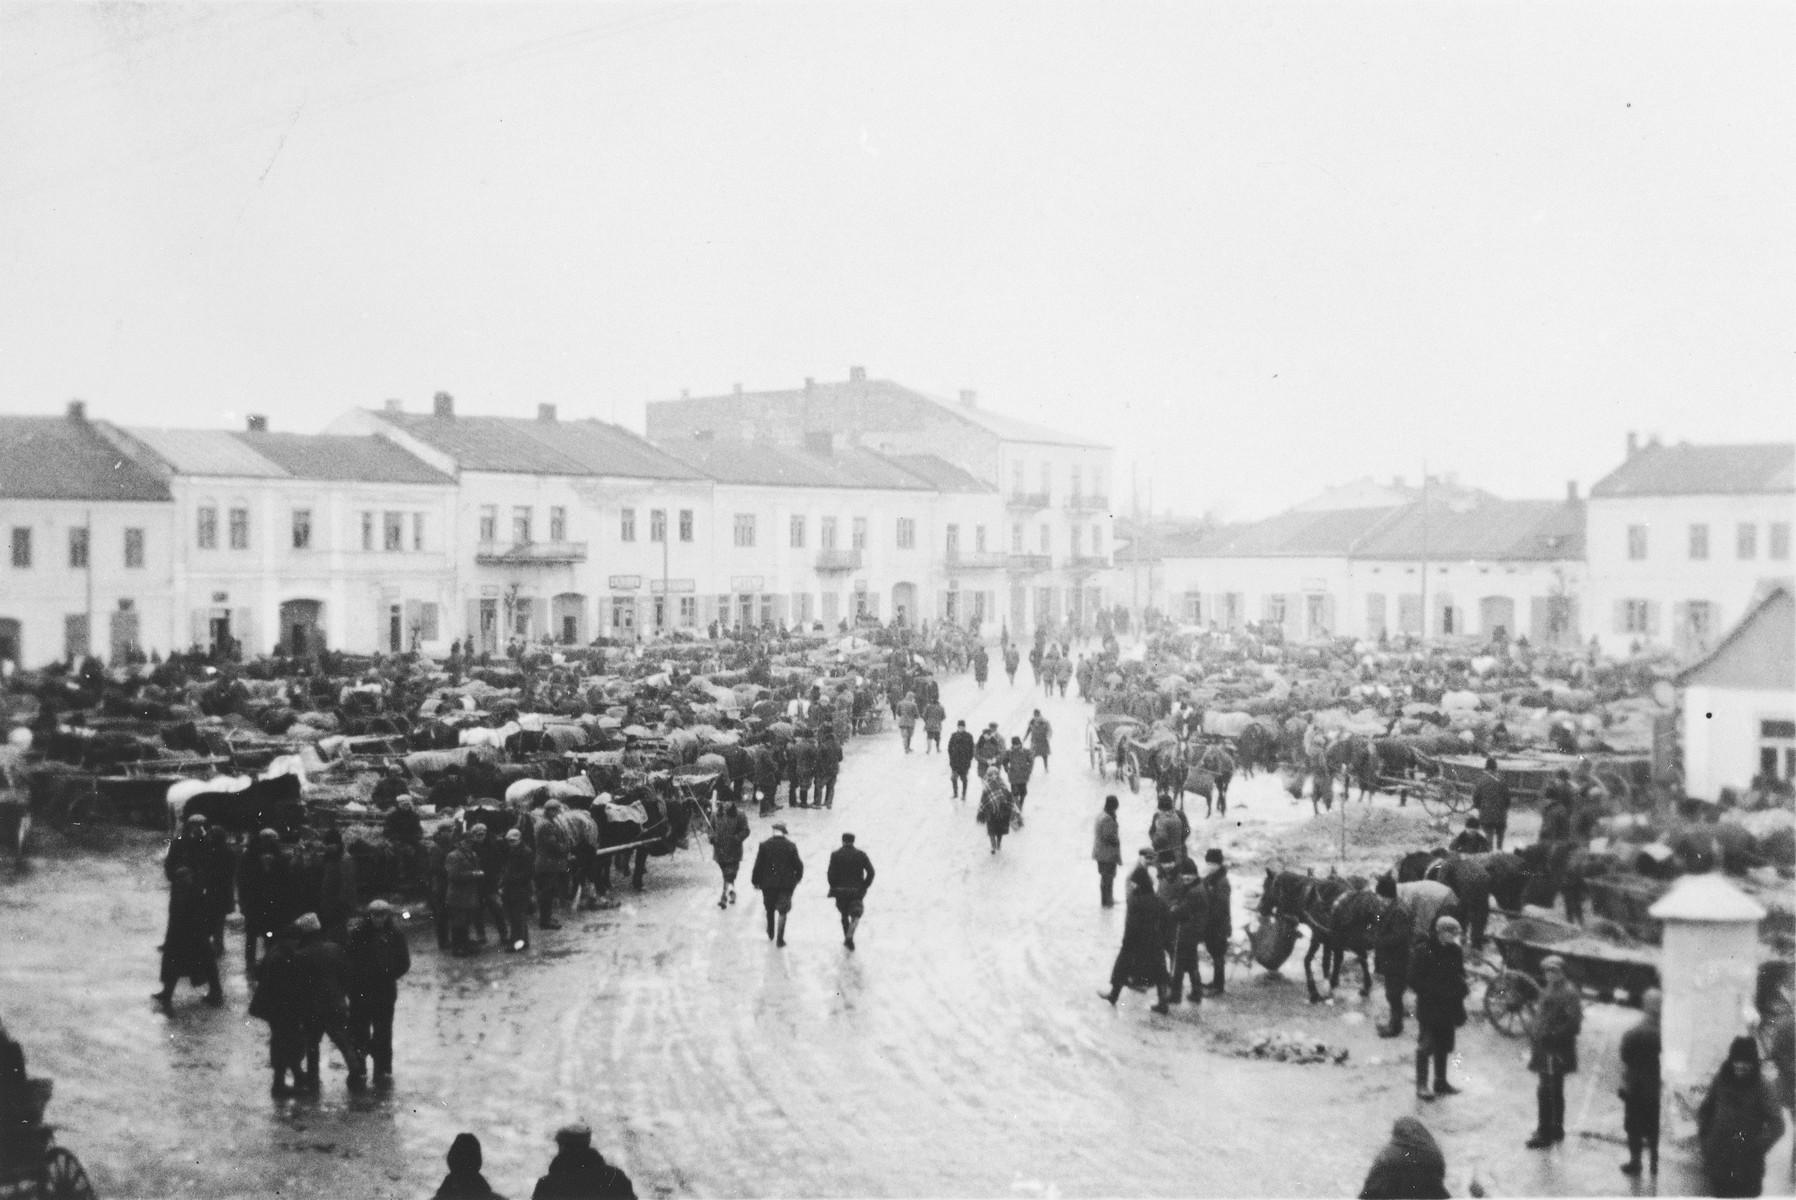 View of the market square in Chmielnik, Poland.